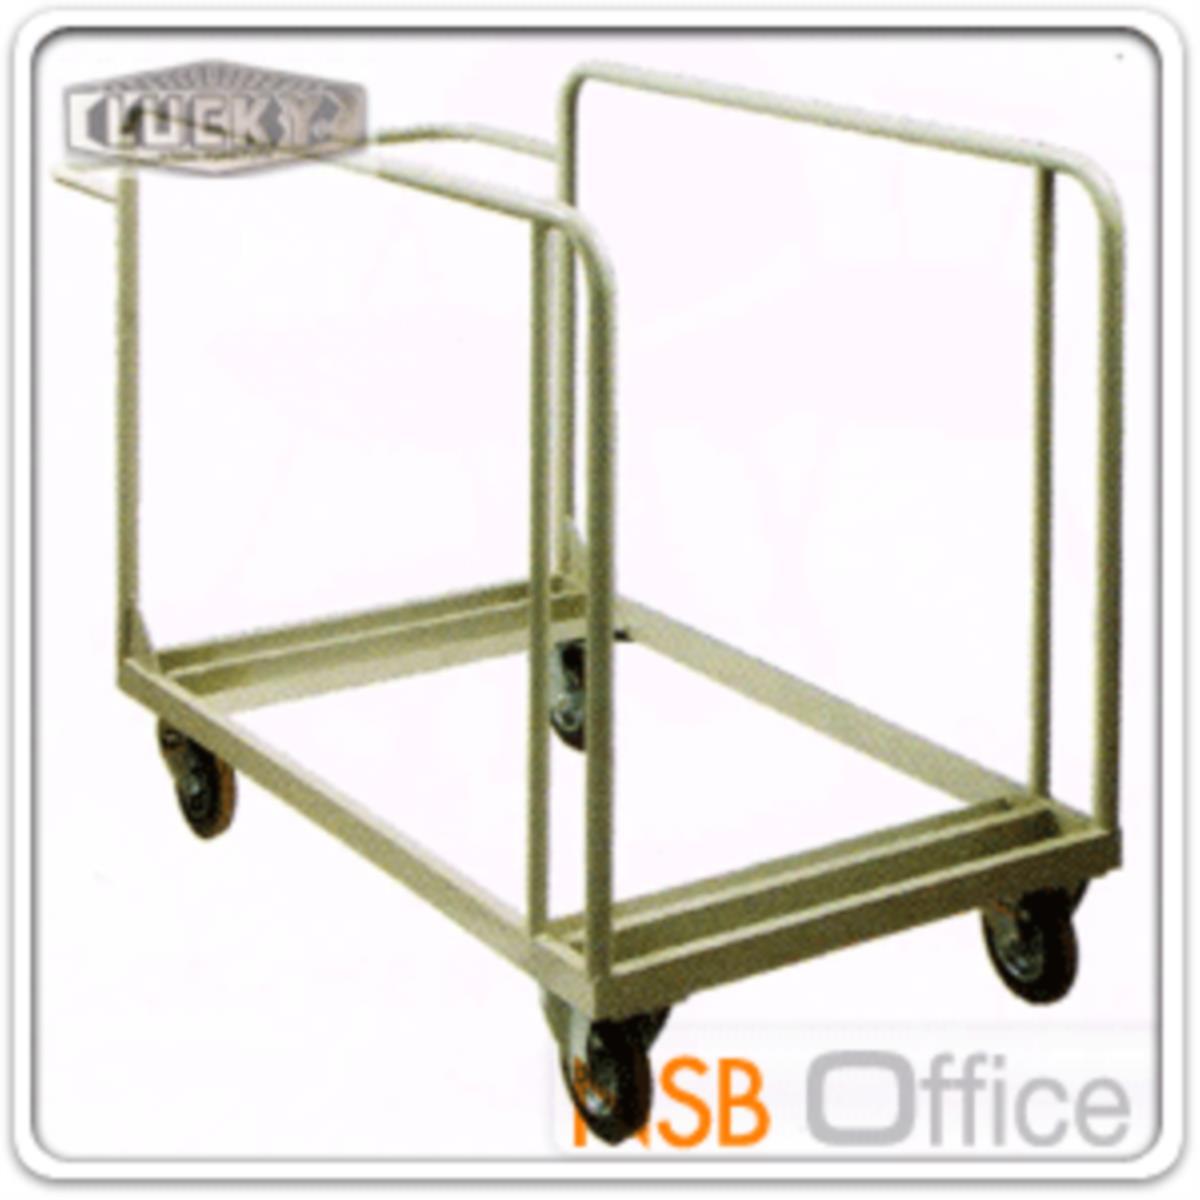 รถเข็นโต๊ะพ่นสีล้อเลื่อน รุ่น LUCKY-CMC-1800 ขนาด 81W cm. โครงเหล็กพ่นสี